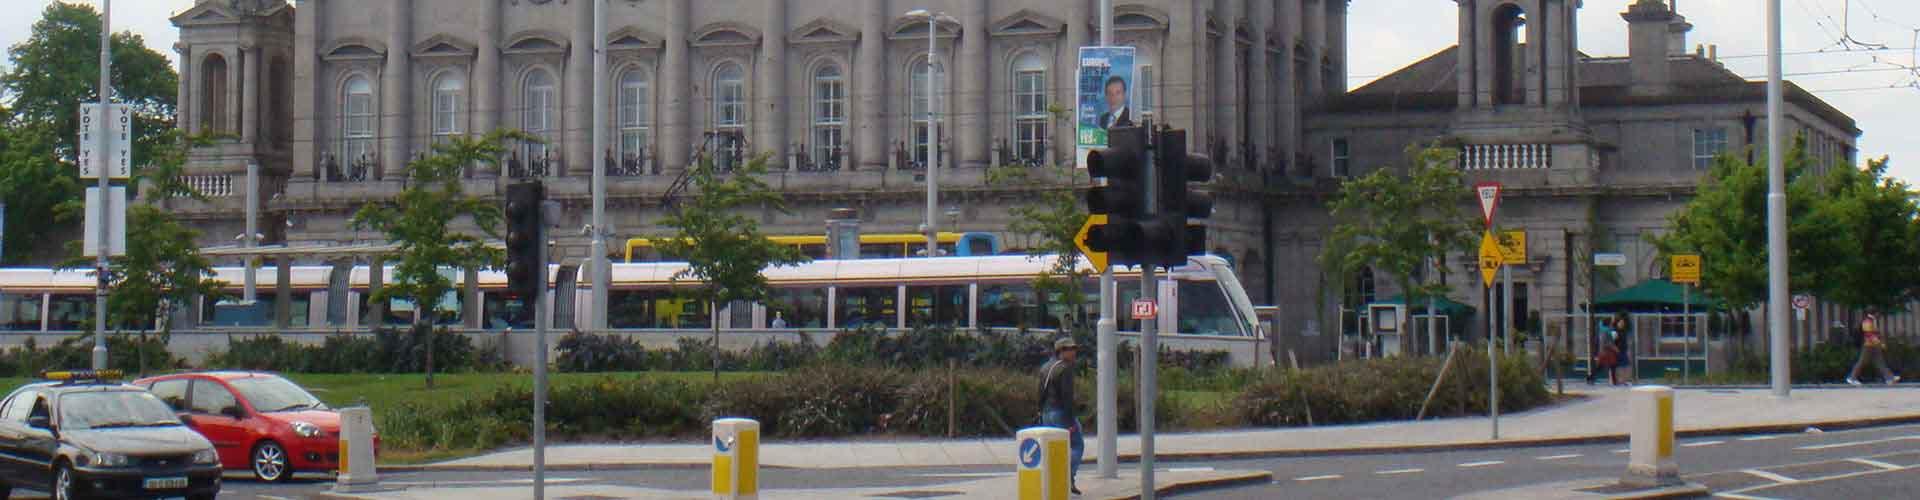 Dublín - Habitaciones cerca a Estación de tren de  Dublín . Mapas de Dublín, Fotos y comentarios de cada Habitación en Dublín.